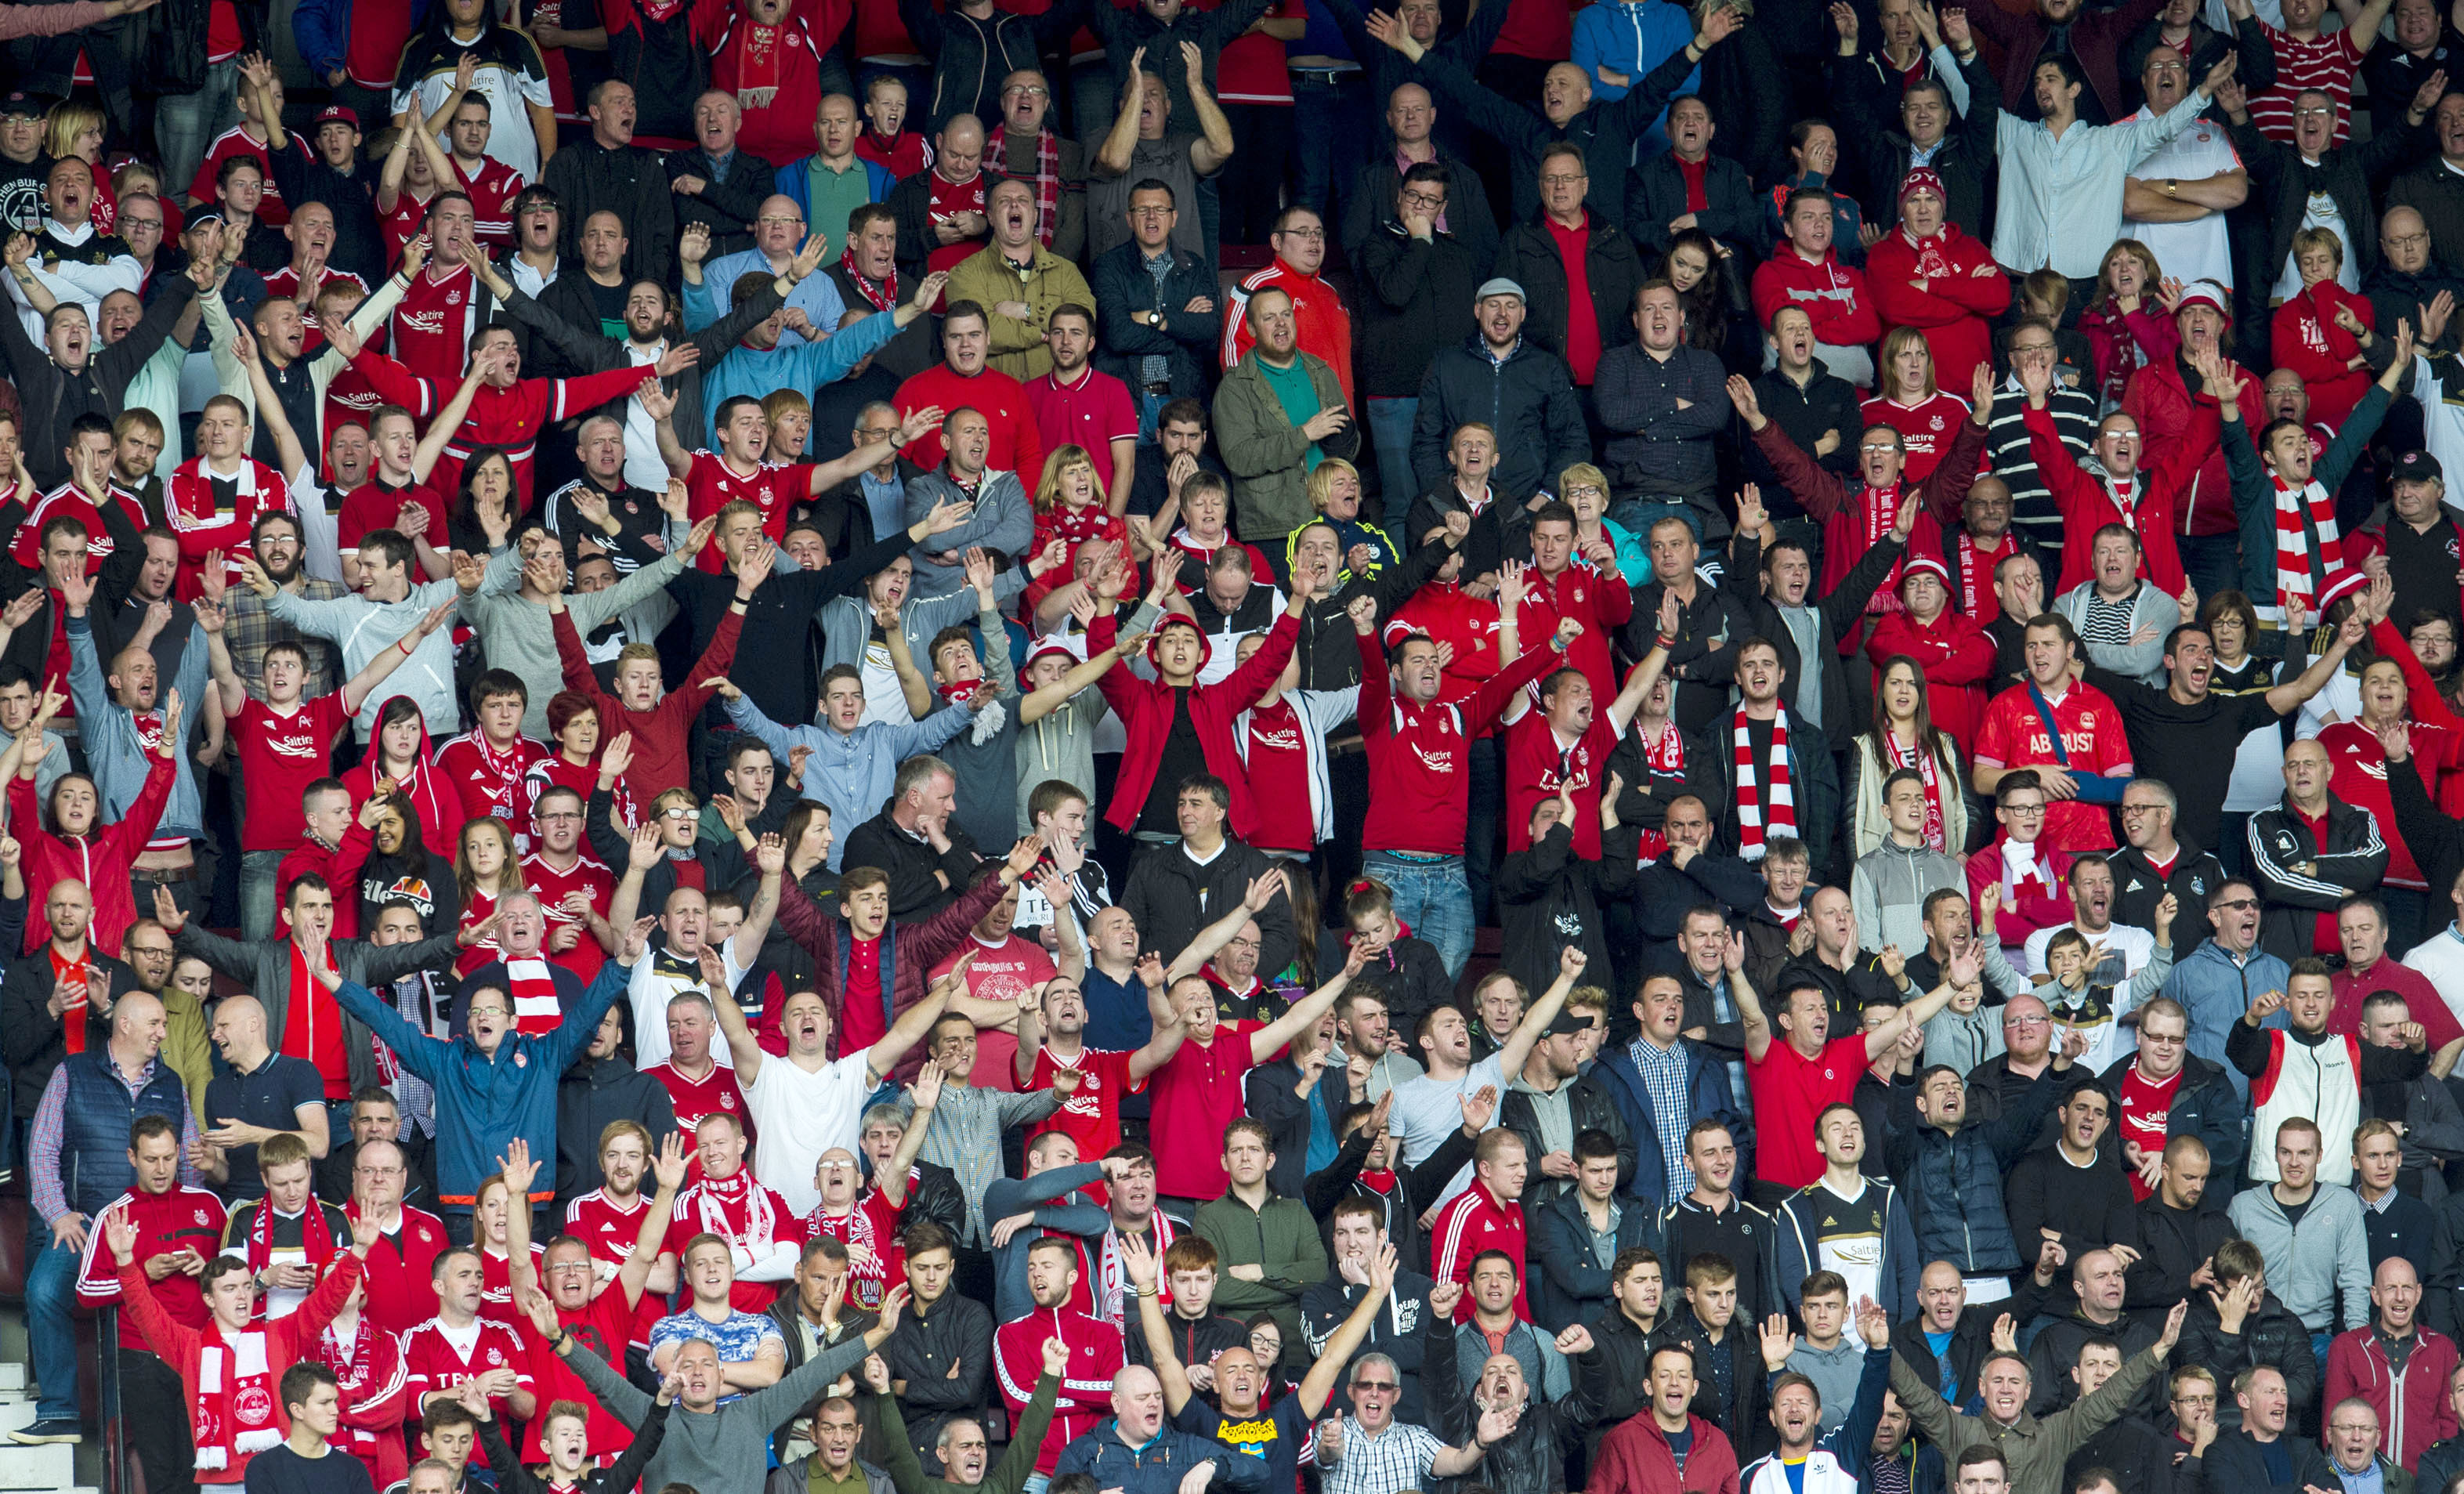 Aberdeen fans.